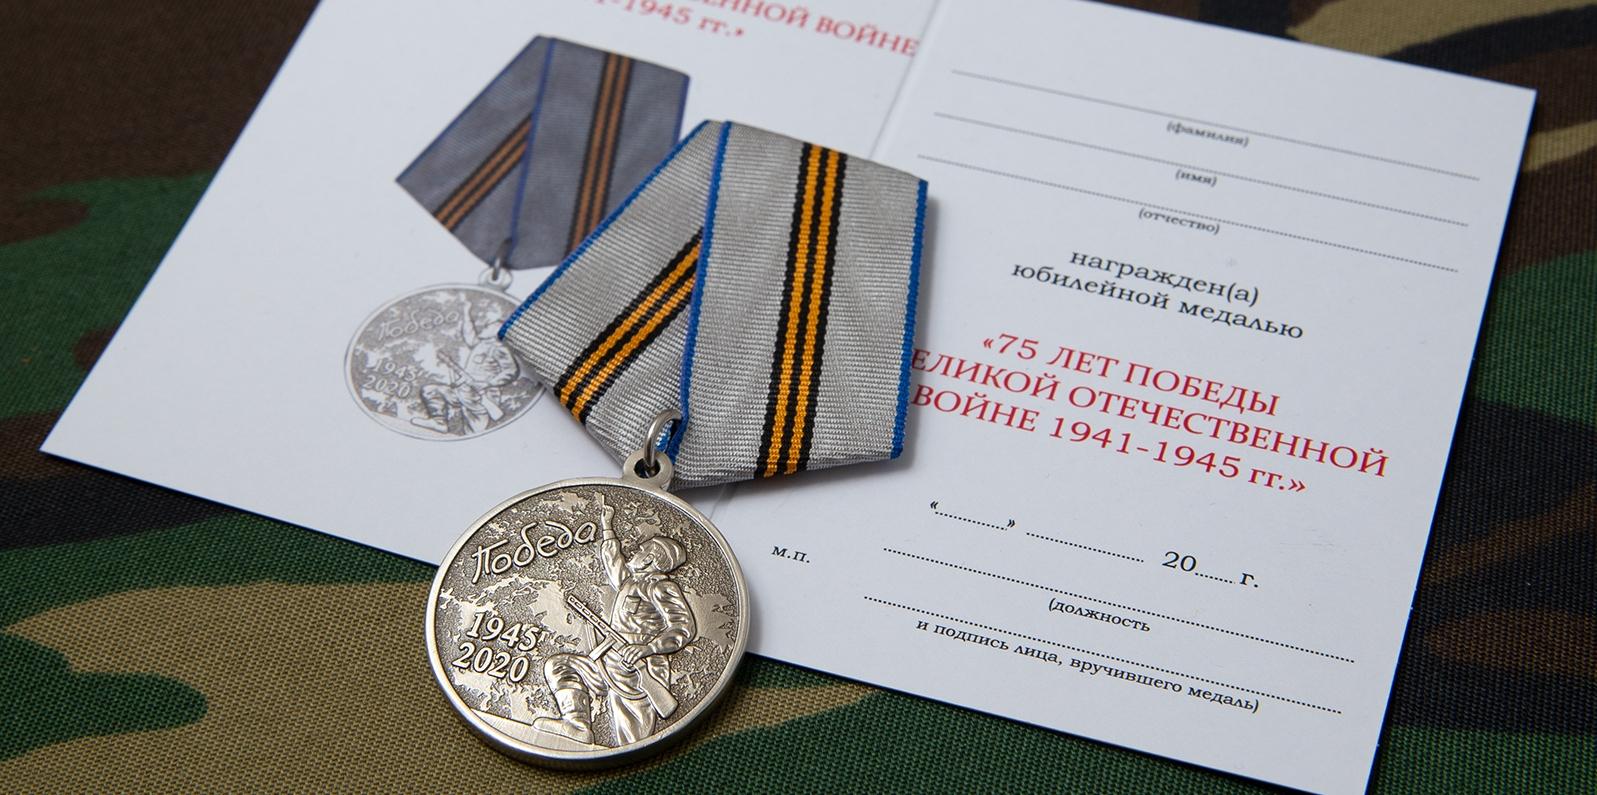 Вручение юбилейных медалей «75 лет Победы в Великой Отечественной войне 1941-1945 гг.»